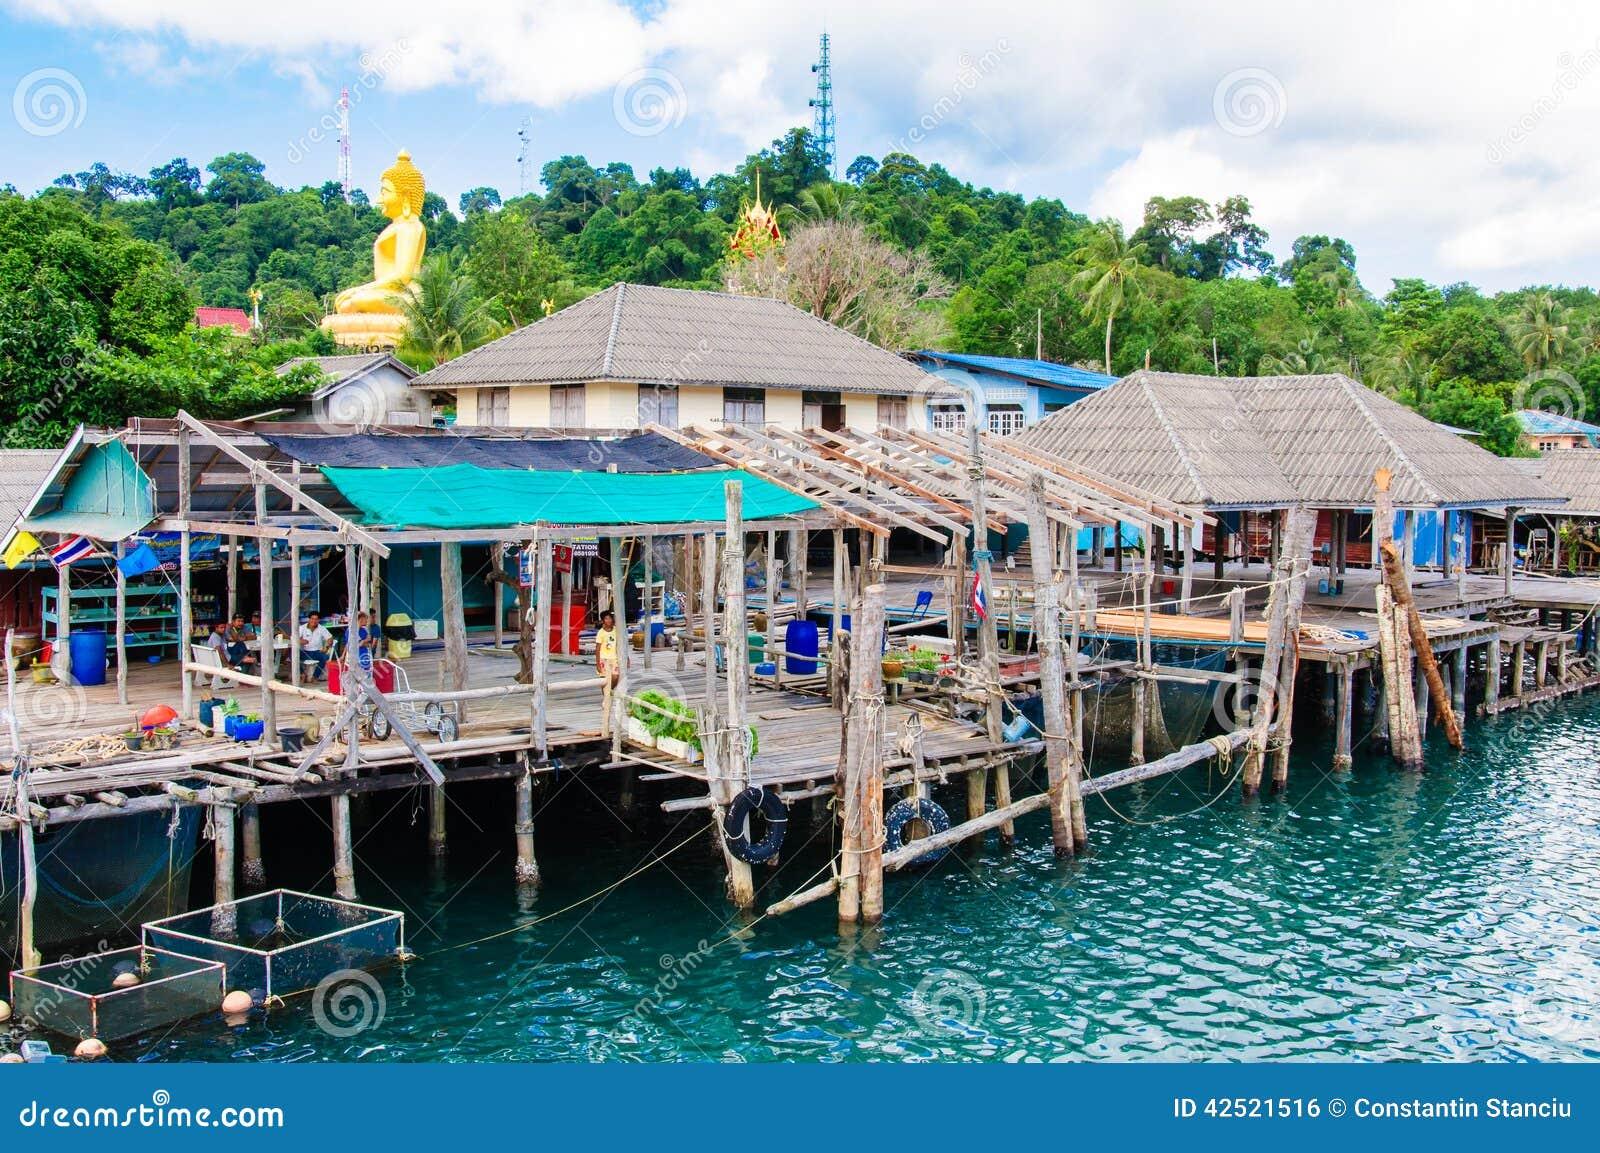 ... Village On Koh Kood Island, Thailand Editorial Photo - Image: 42521516